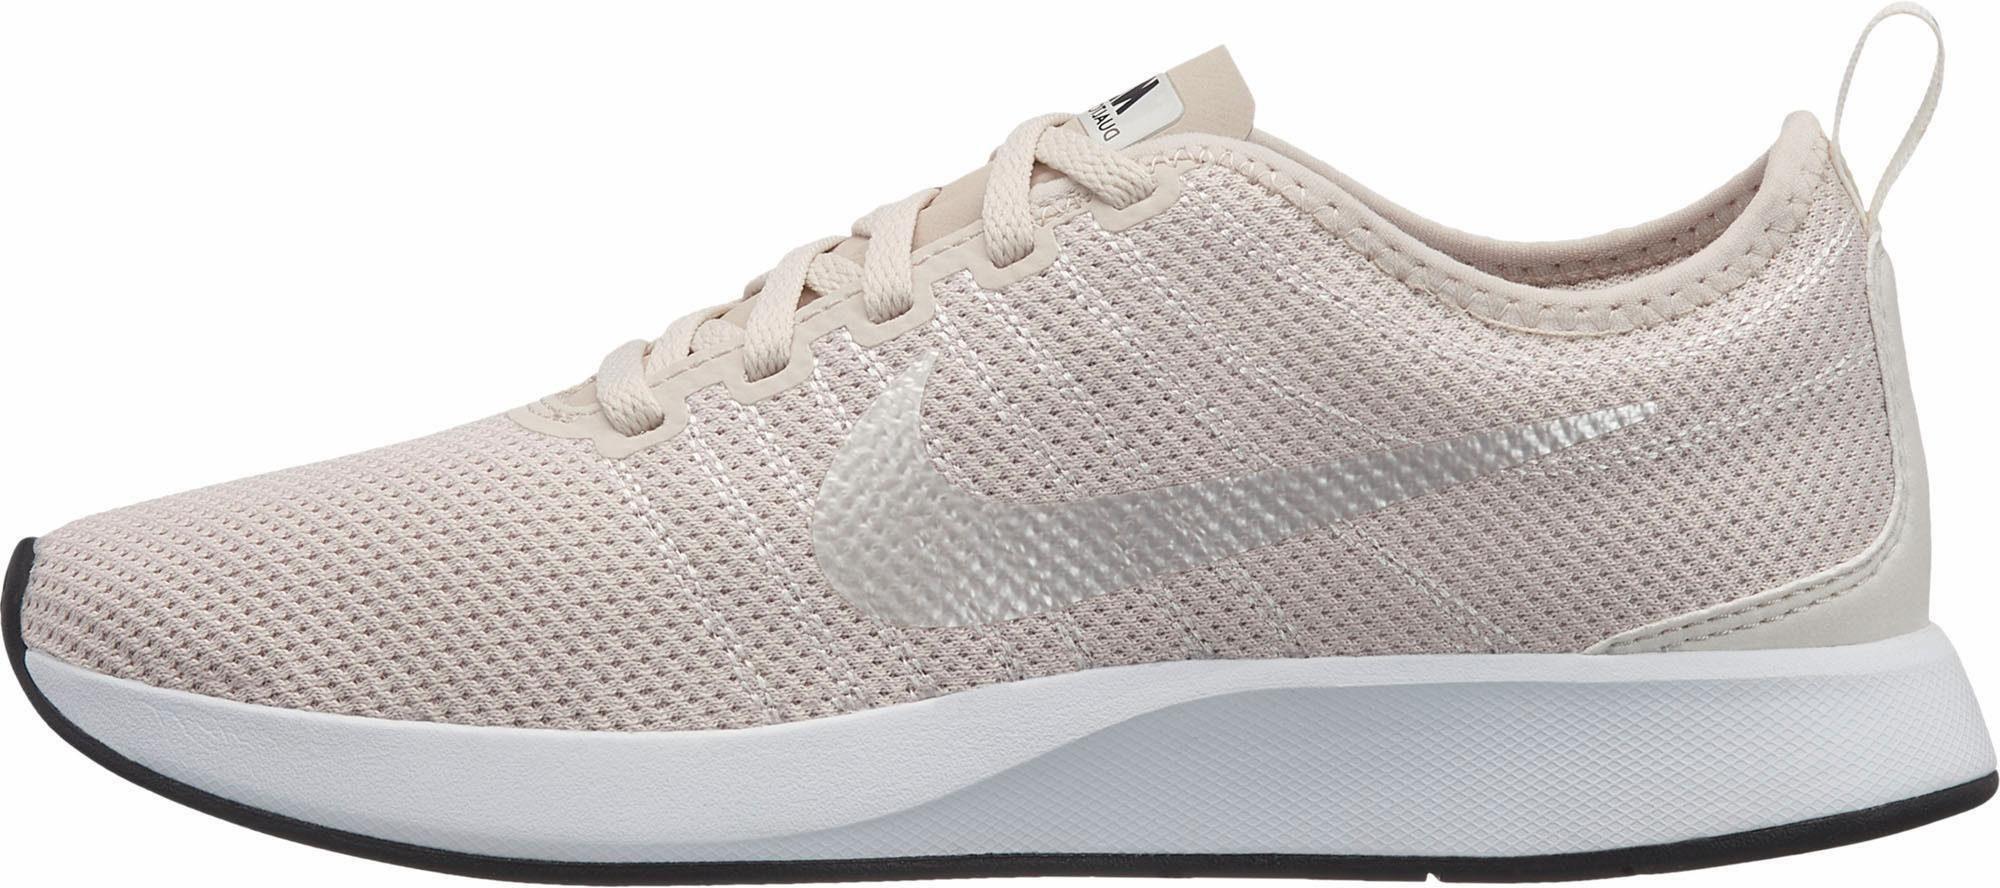 Nike Sportswear Wmns Dualtone Racer Sneaker  sand